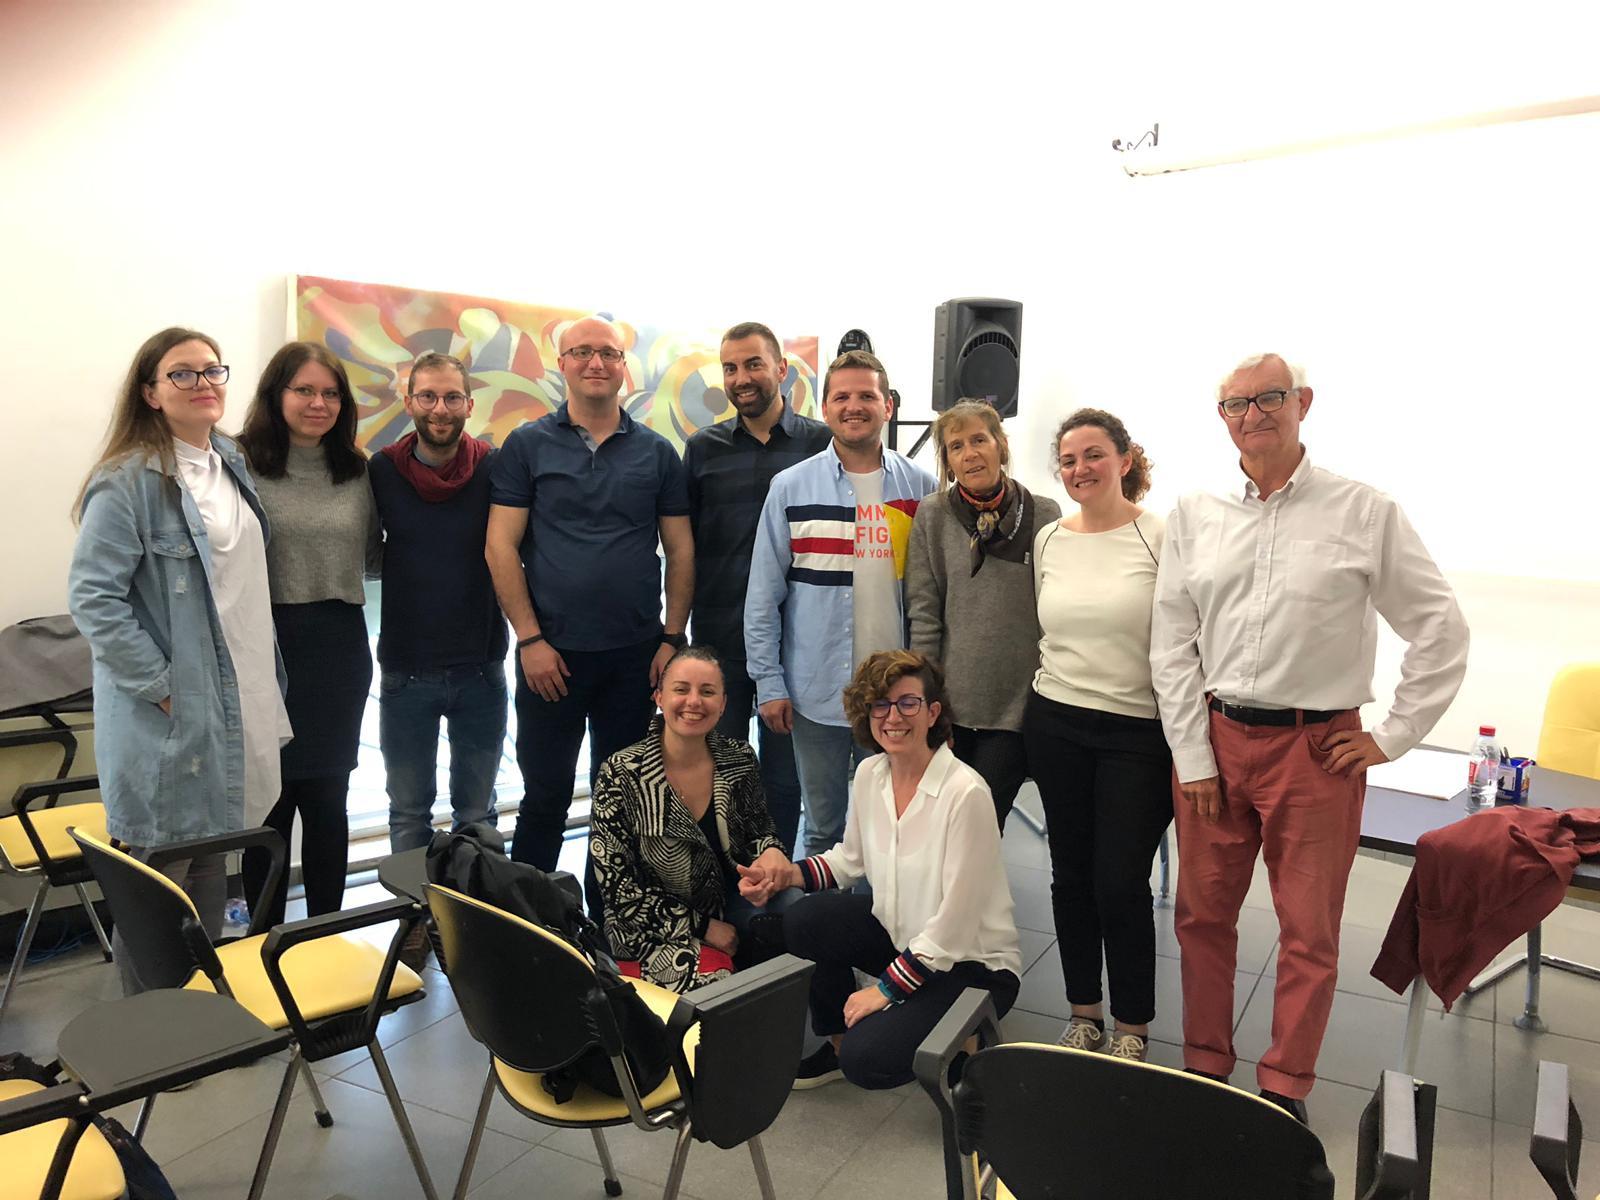 TeilnehmerInnen am Training in Mesagne. Foto: IAMHC.